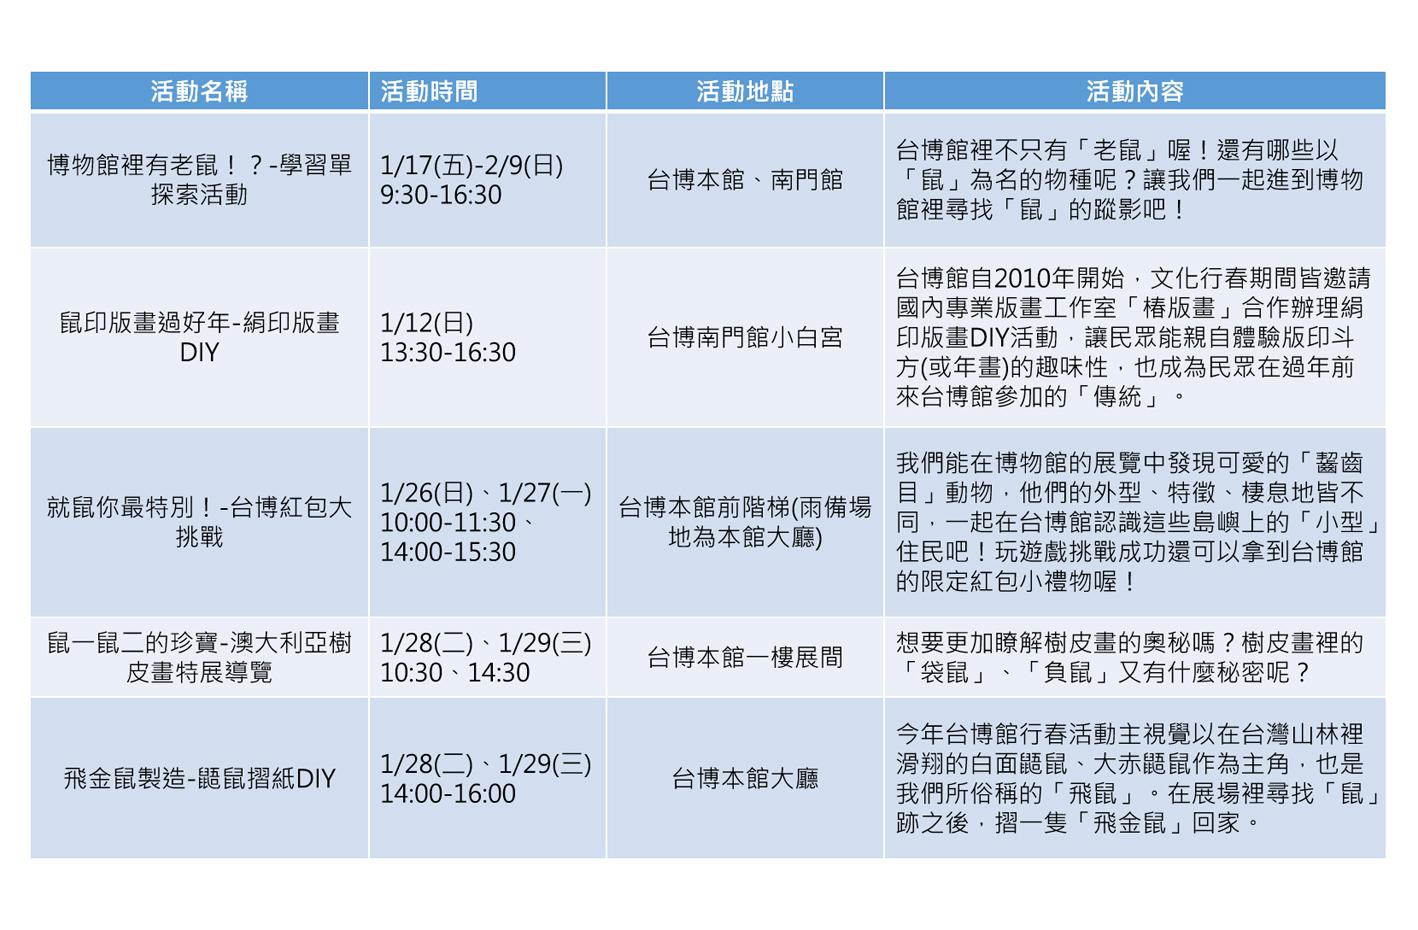 國立台灣博物館以「博物館裡有老鼠!?」為主題,結合「發現台灣-重訪臺灣博物學與博物學家的年代」常設展,規劃一系列新春活動。圖:新頭殼/製表